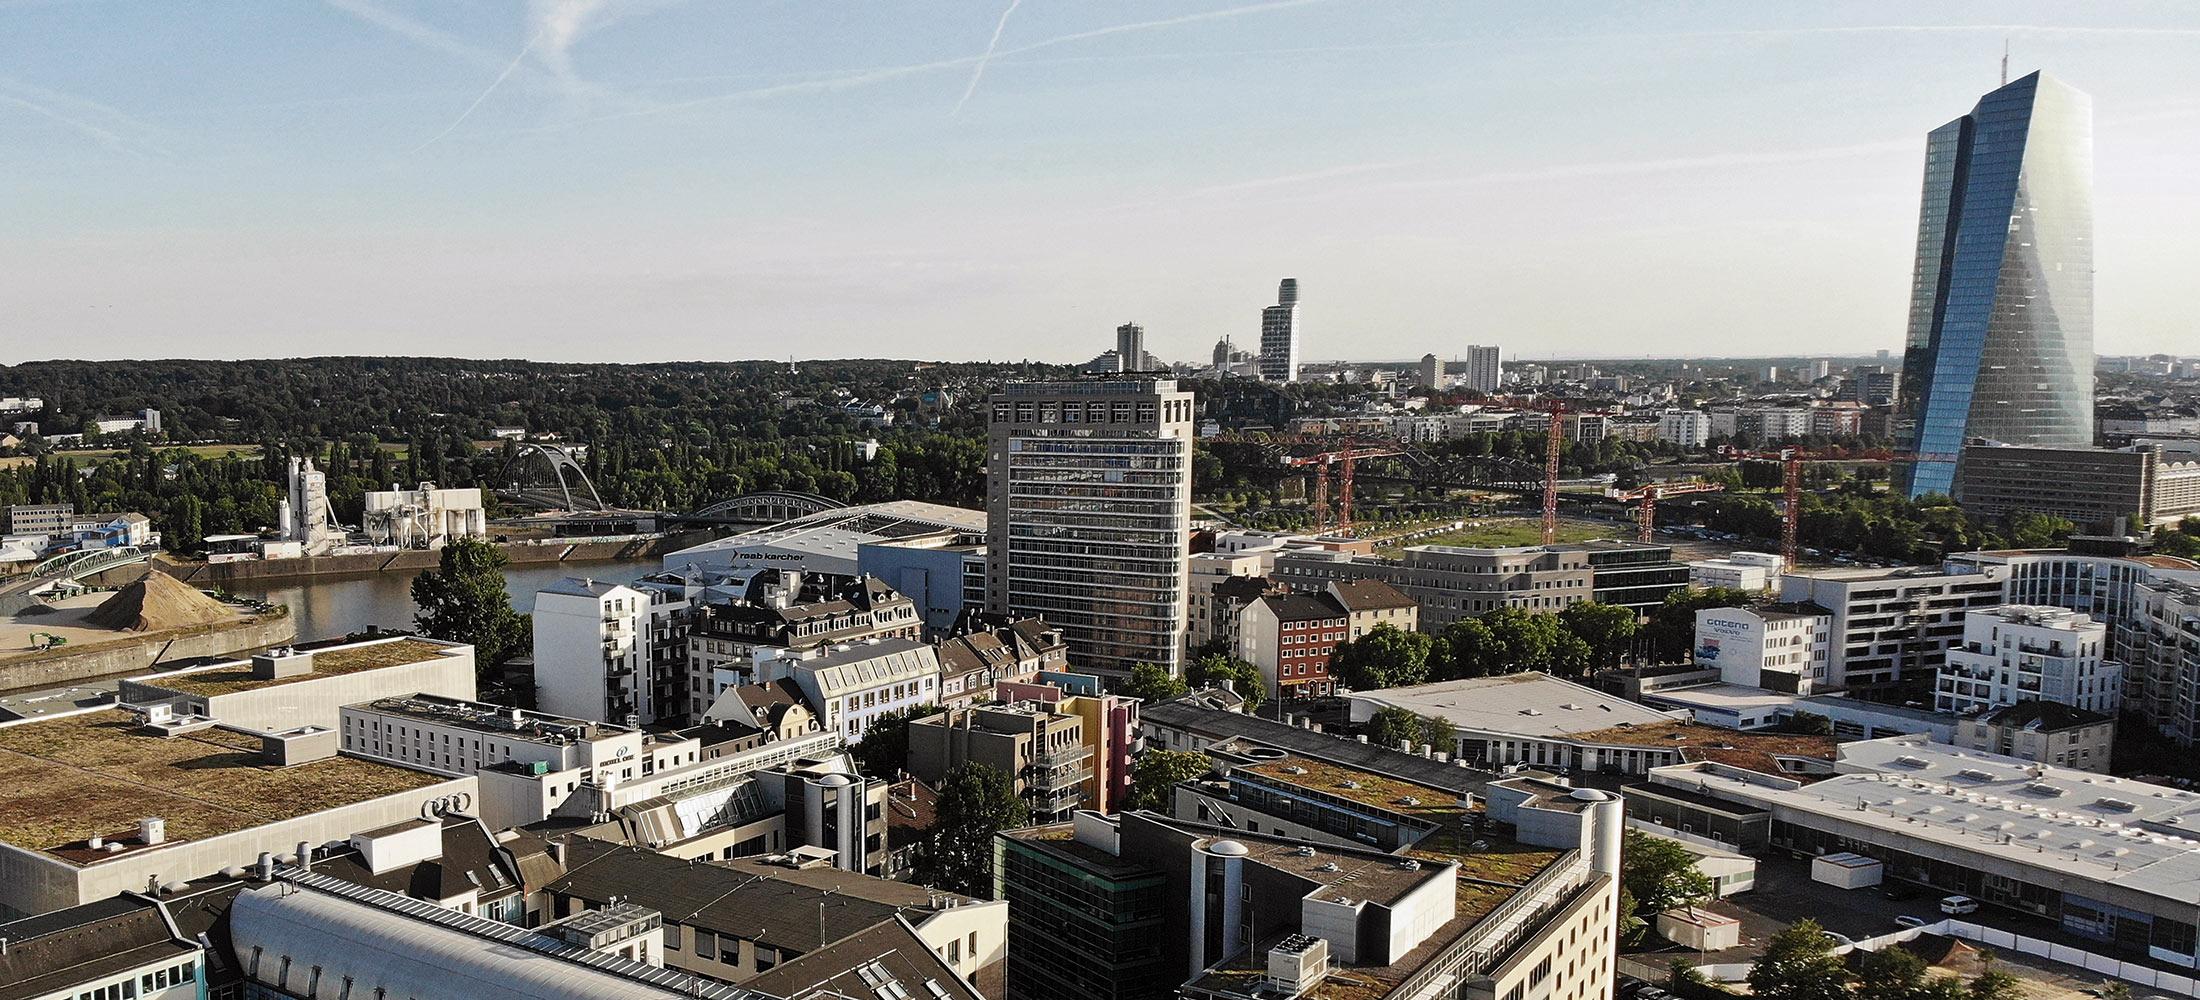 Eastside Frankfurt - Wirtschaftsförderung Frankfurt - Deka Hochhaus - Luftaufnahme Ostend Frankfurt - Lighttower